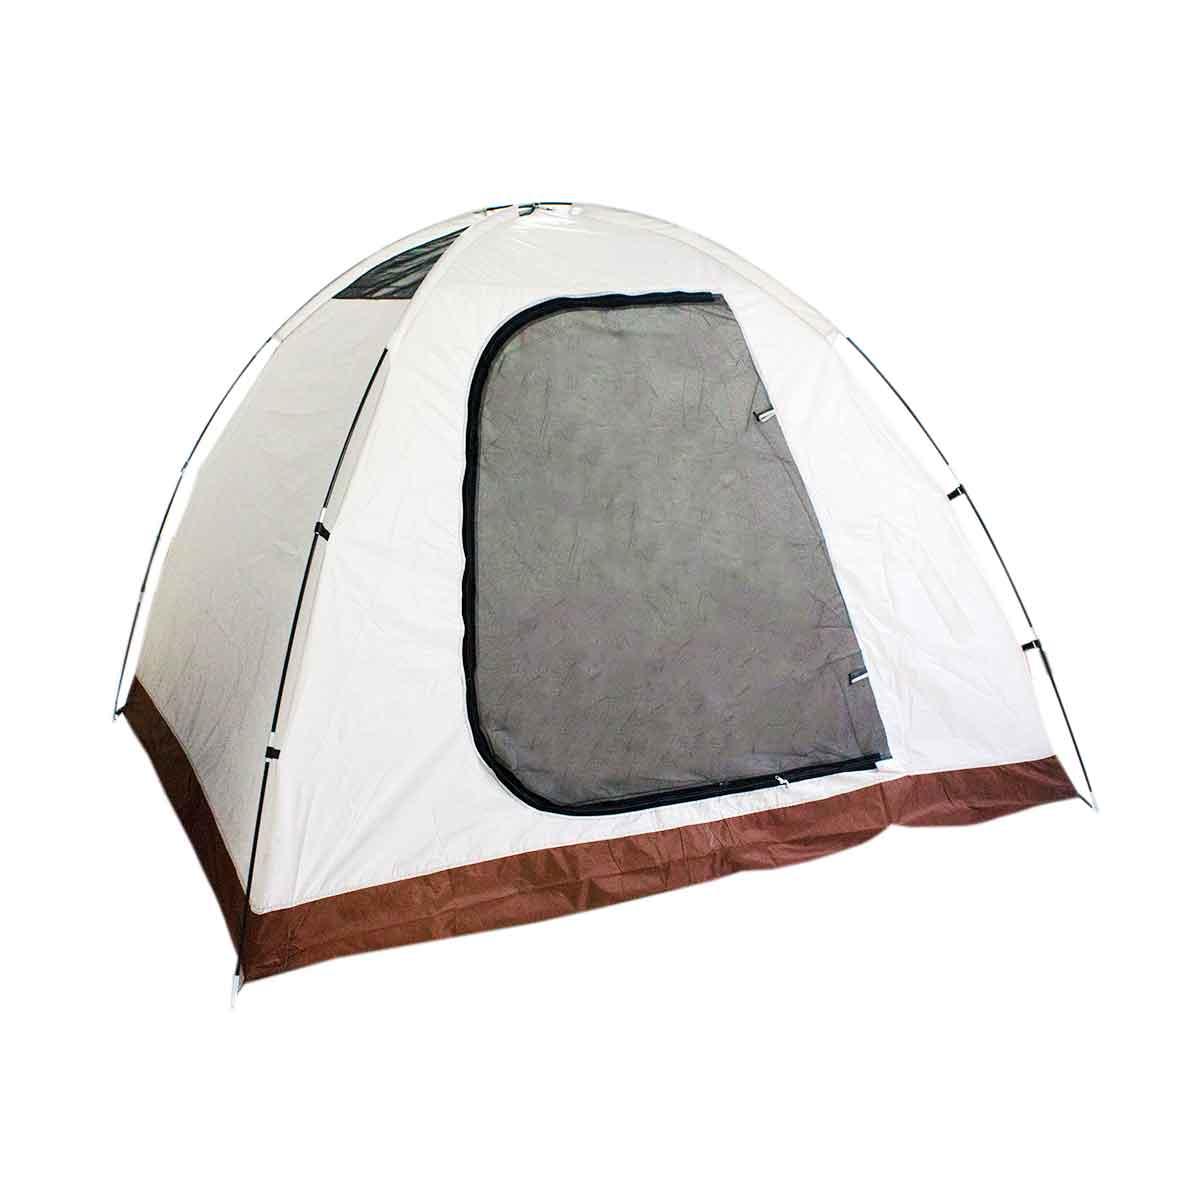 Barraca Camping 6 Pessoas Iglu Tenda Bolsa Acampamento 240cm